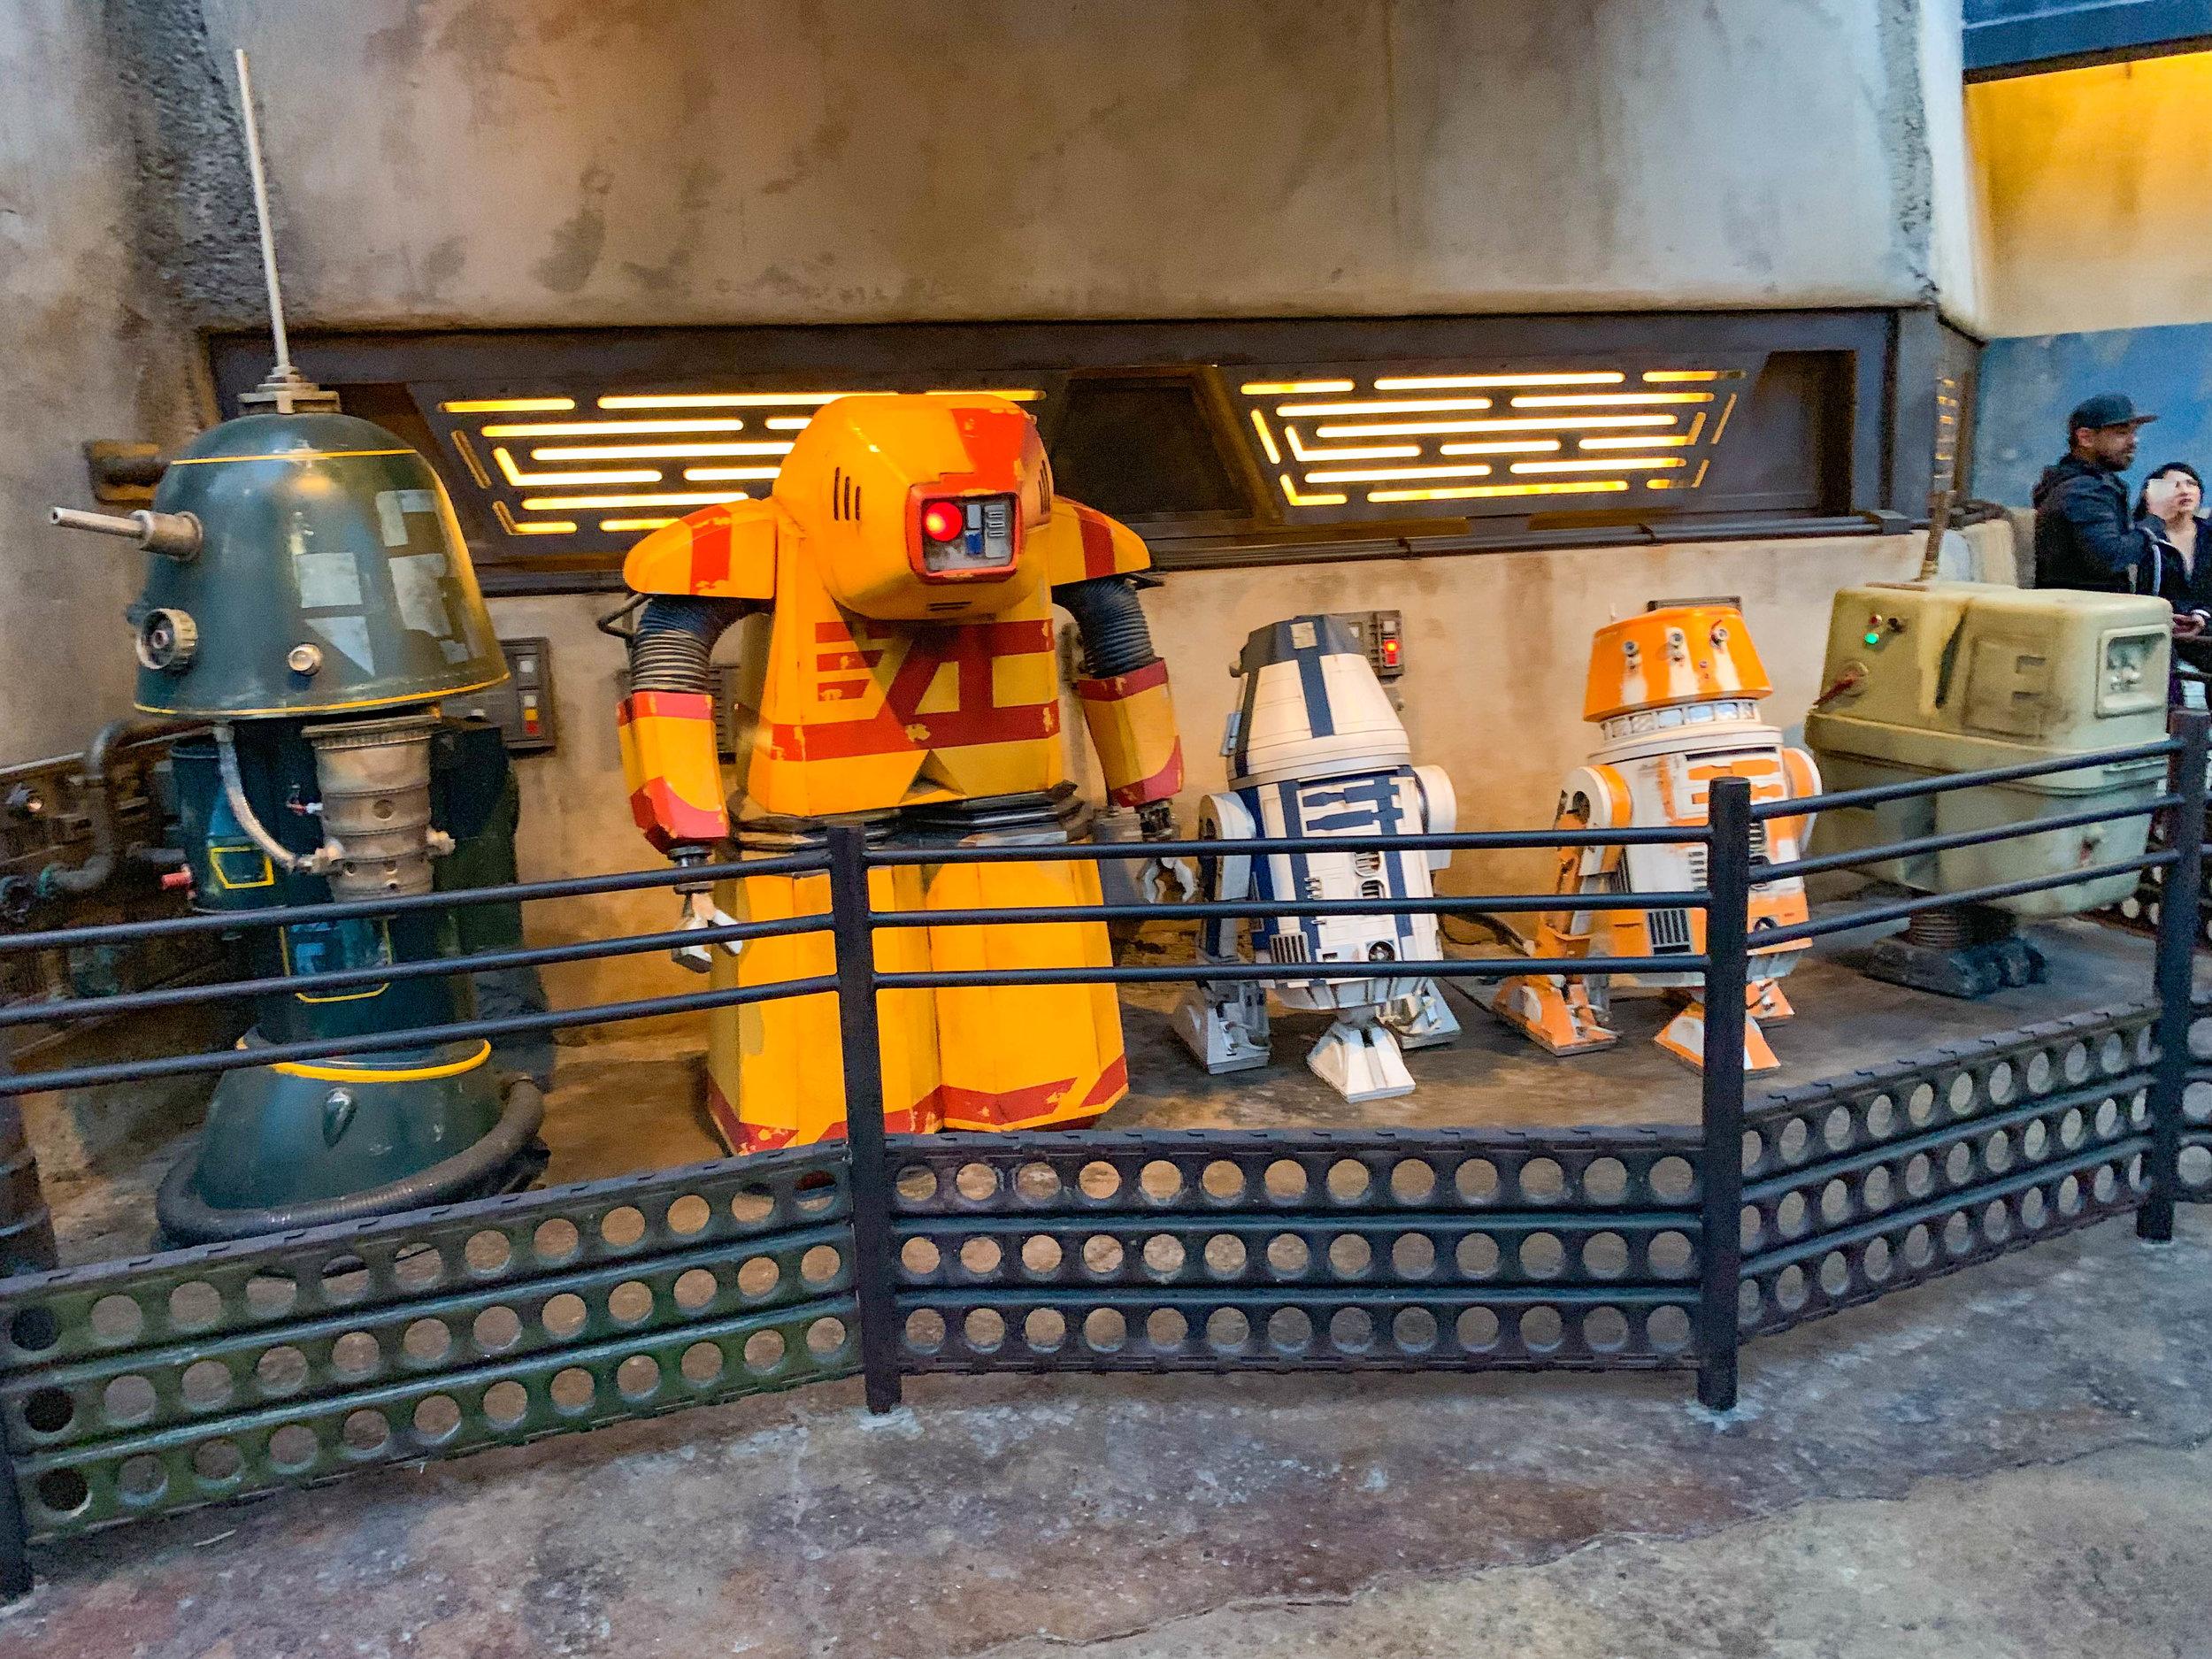 Build a droid!